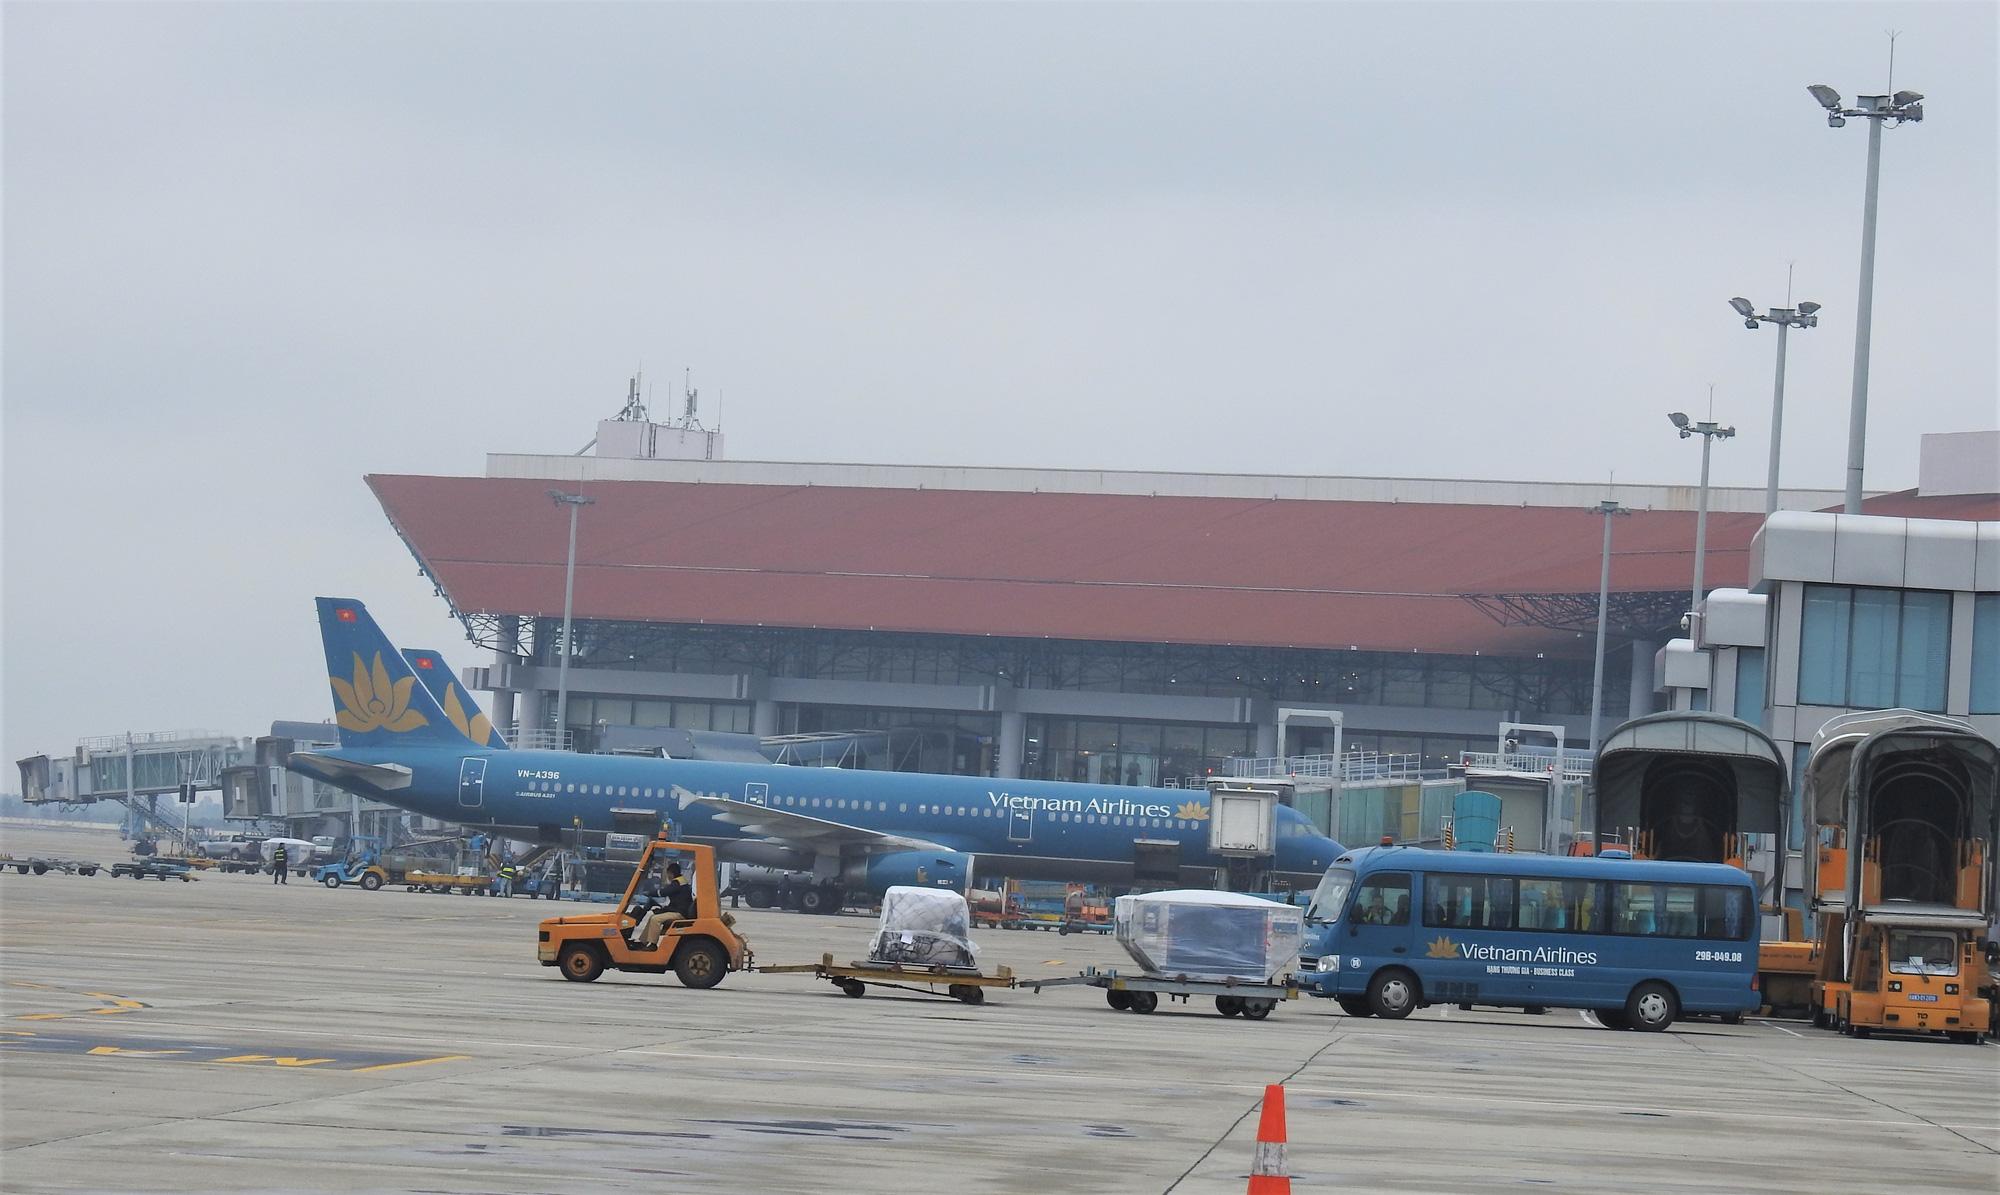 Vietnam Airlines Group chuẩn bị phục hồi toàn bộ mạng bay nội địa - Ảnh 1.